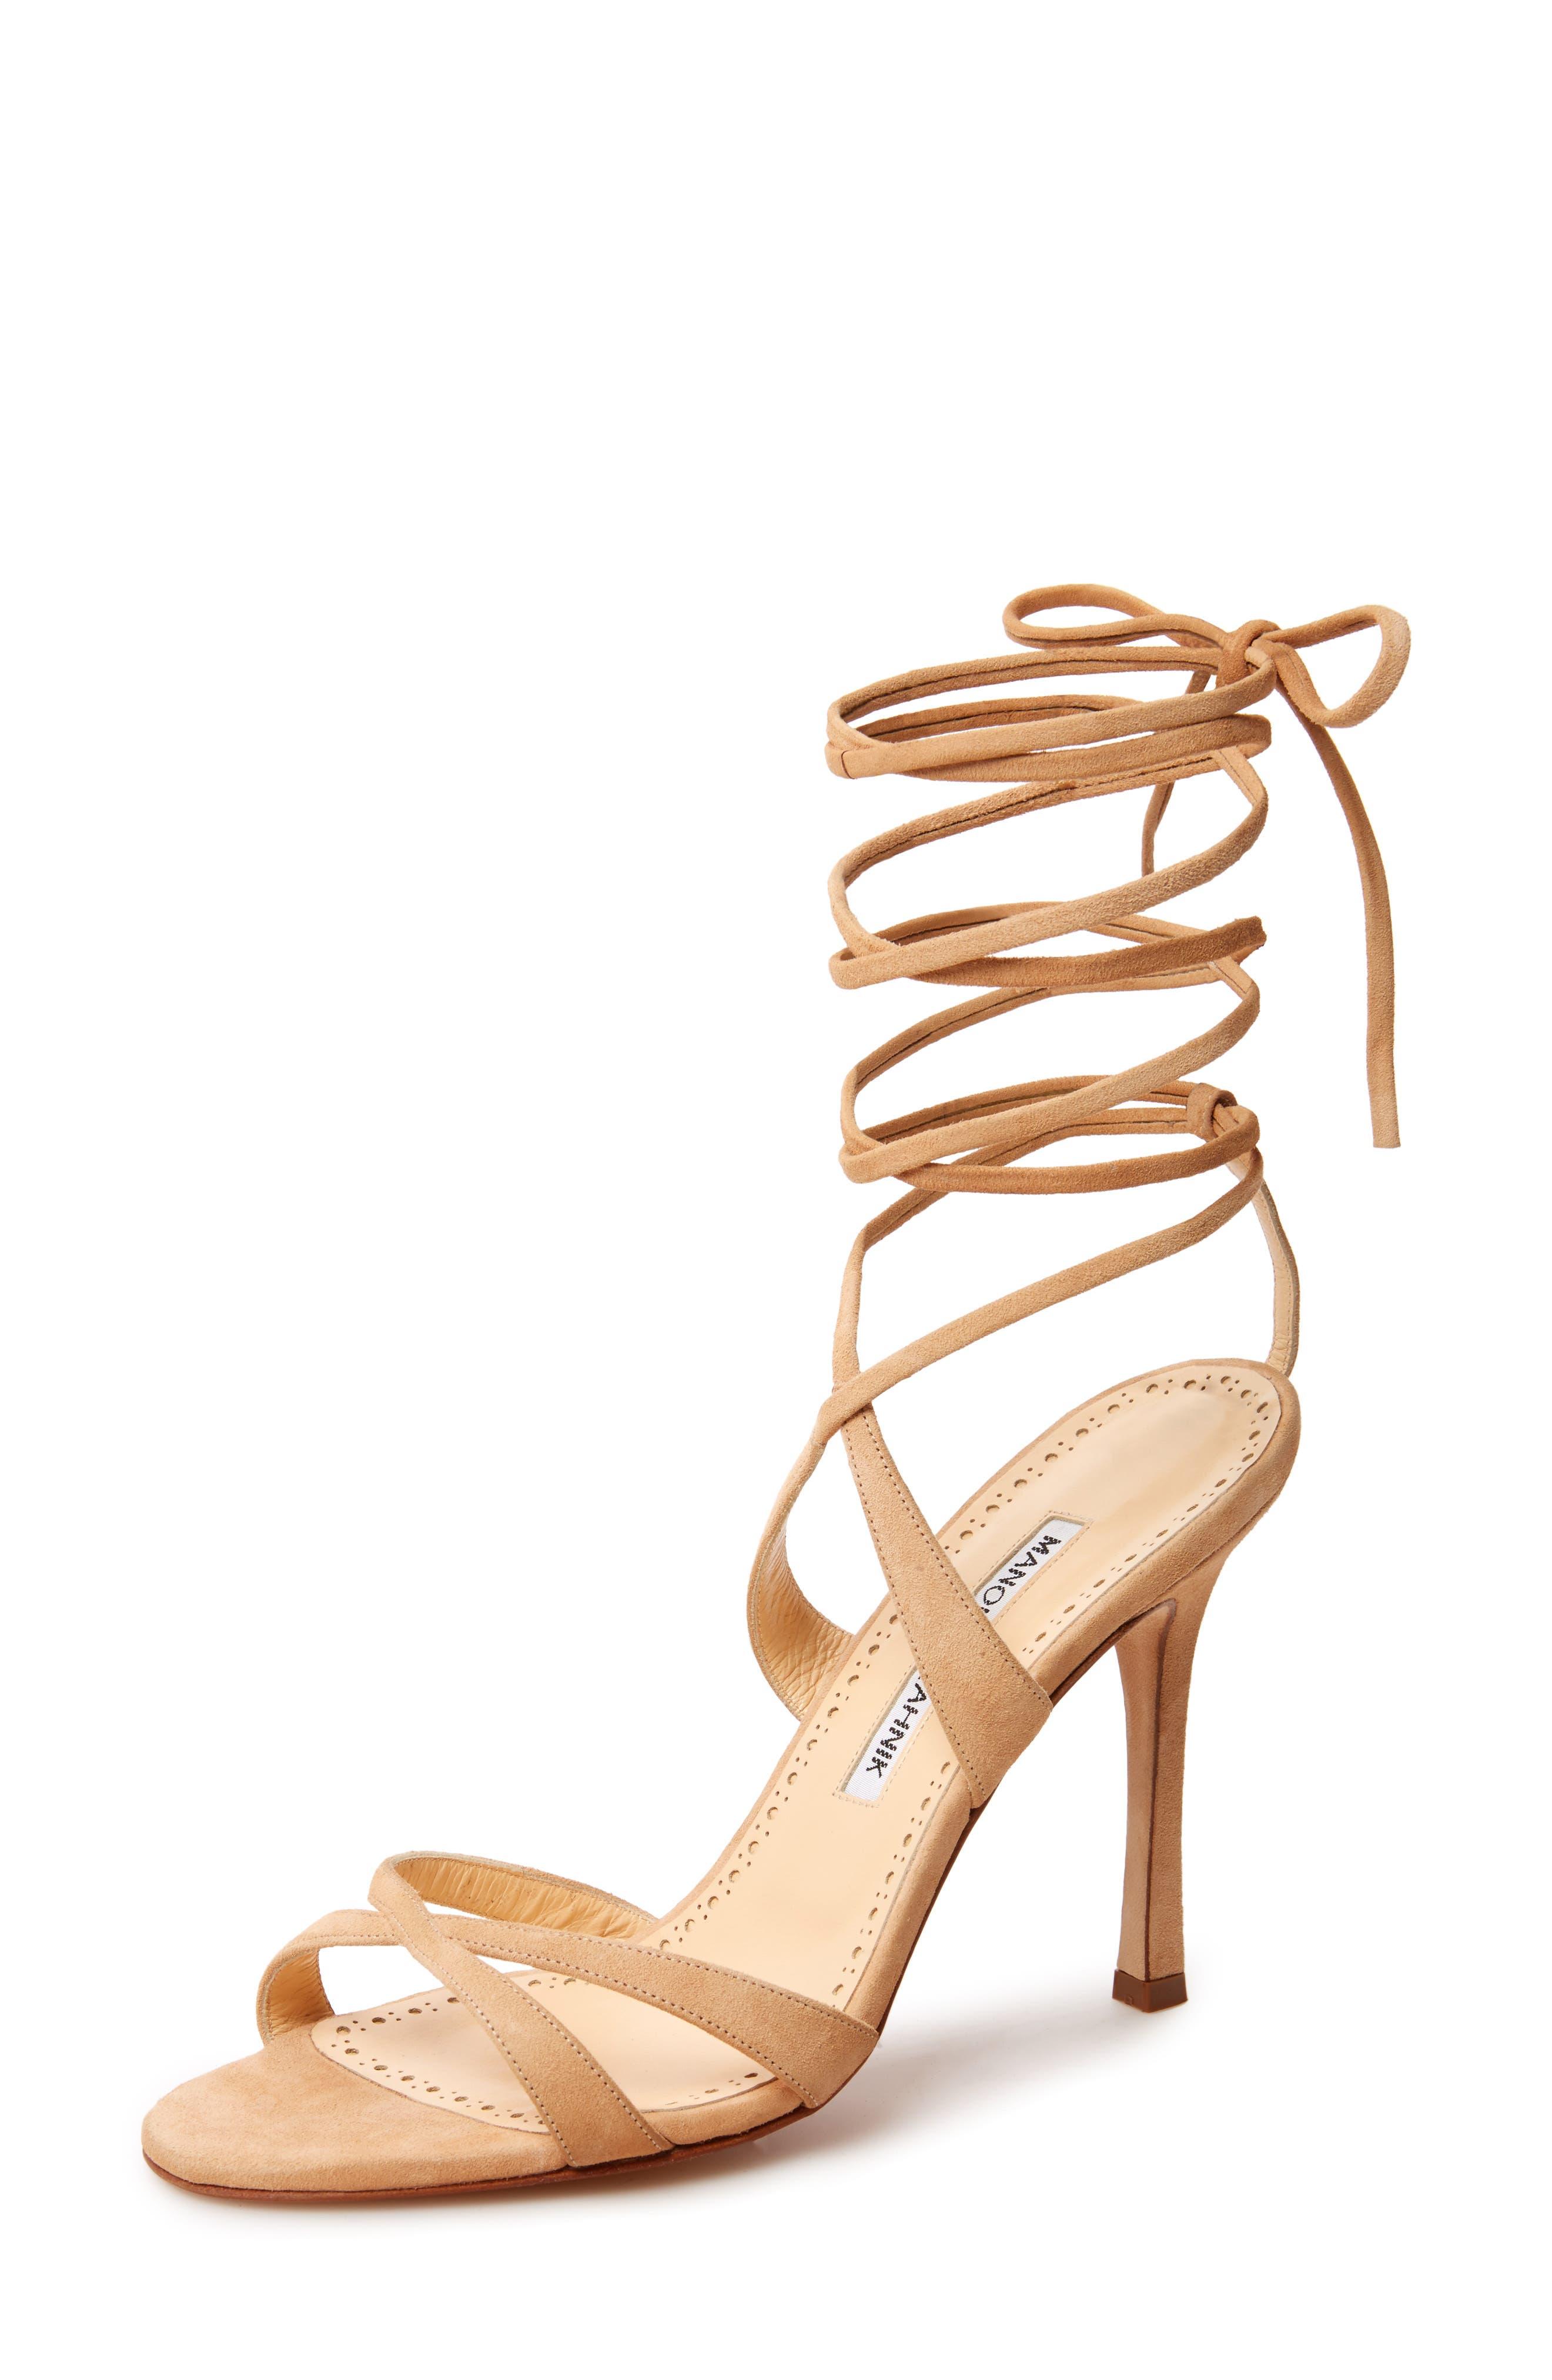 Criss Ankle Tie Sandal,                         Main,                         color, Light Camel